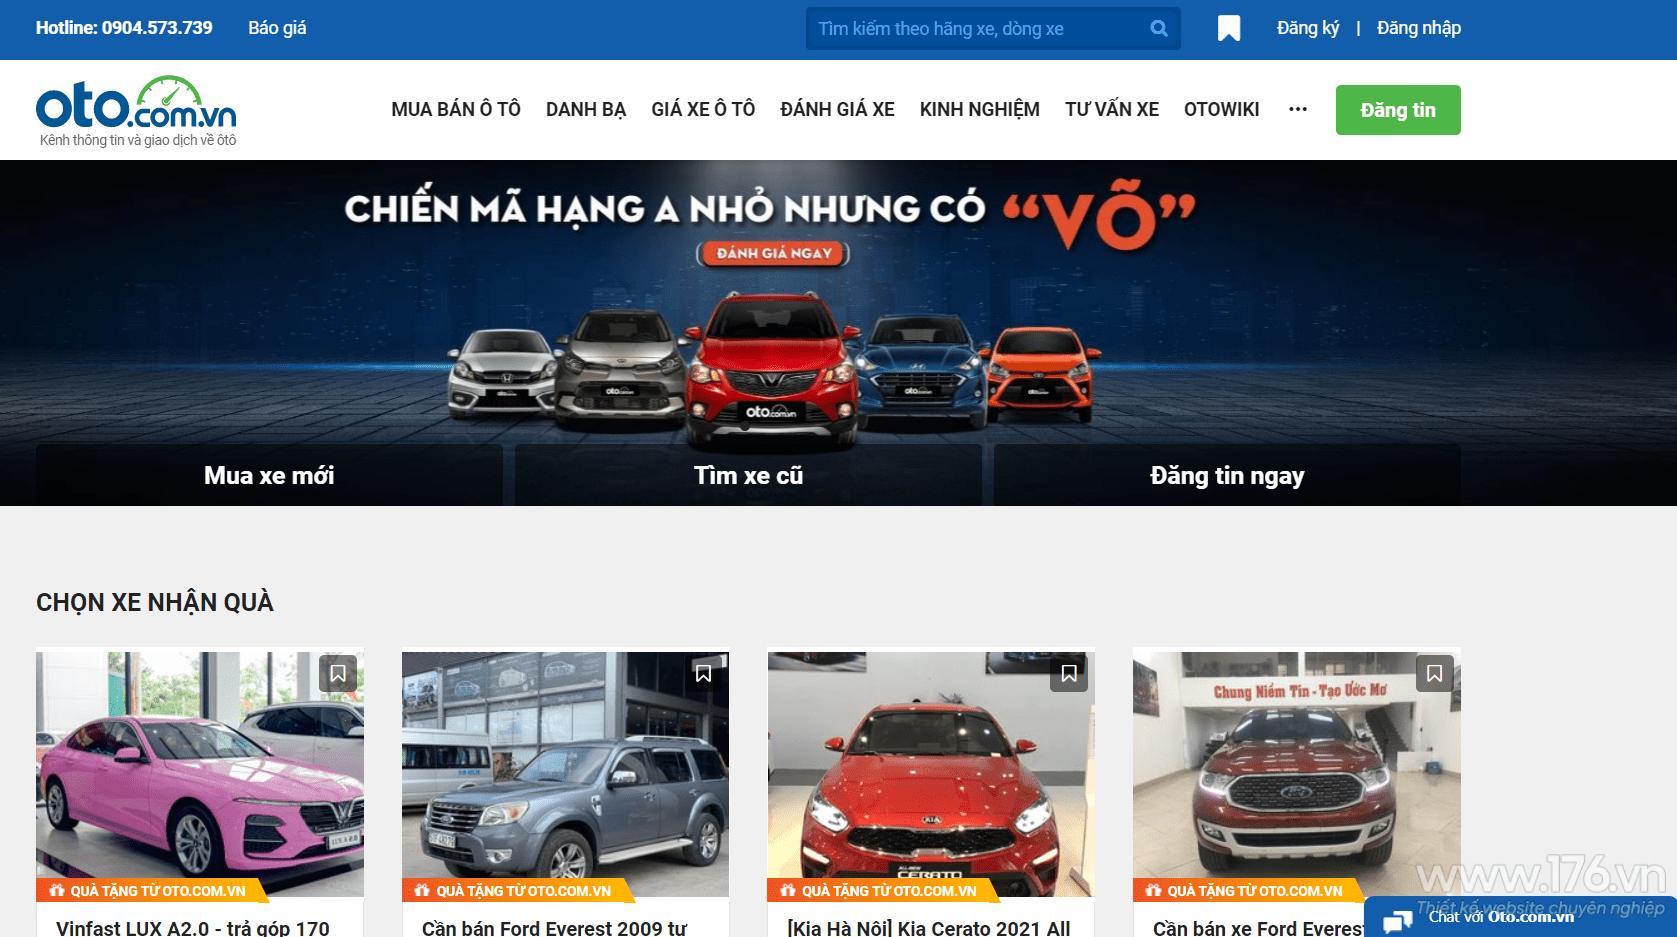 website ban o to quang ngai